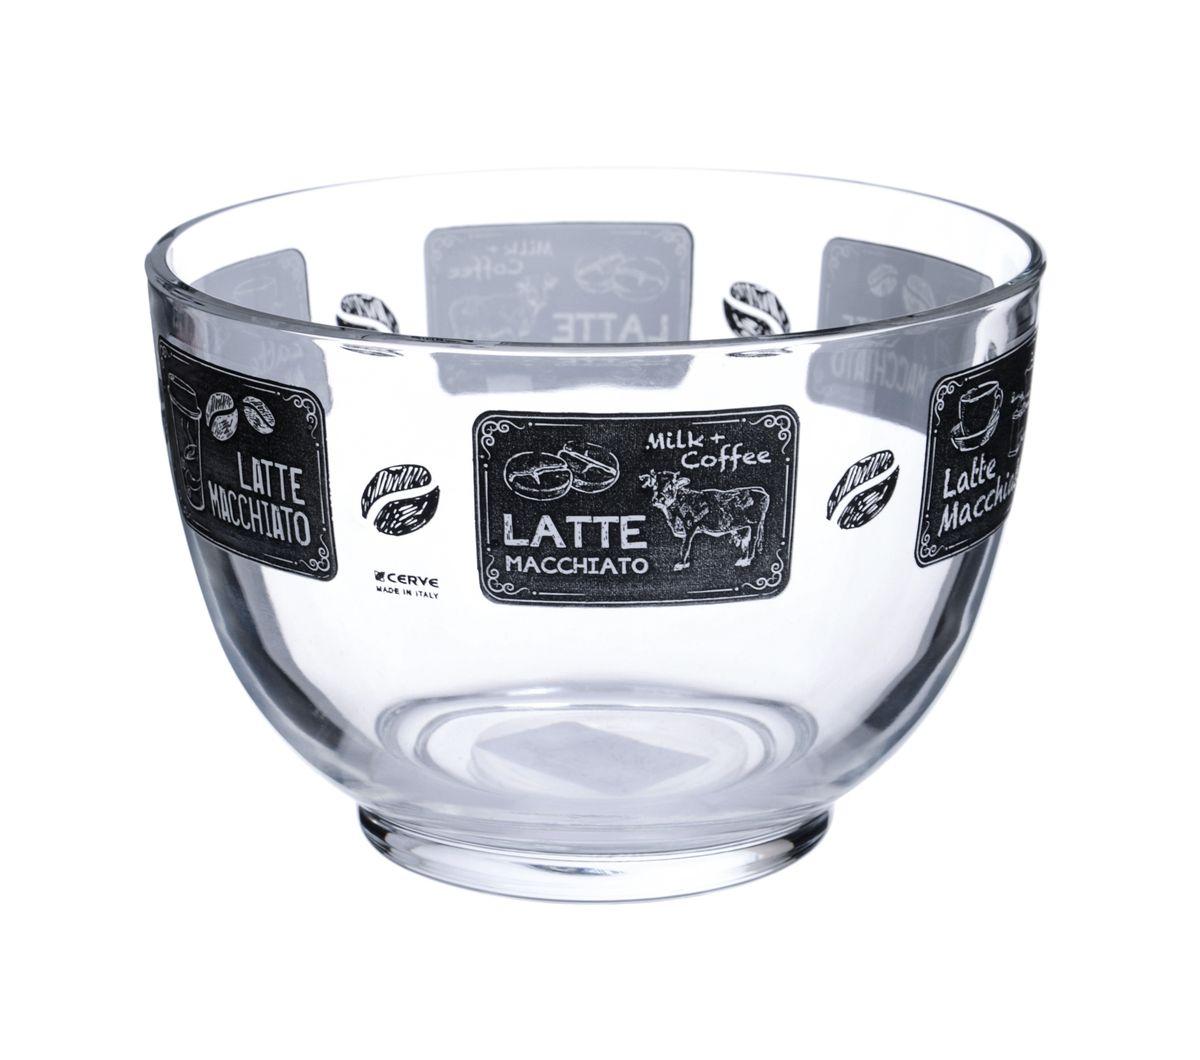 Салатница Cerve Кофейня, цвет: прозрачный, черный, 690 млCEM52900Салатница Cerve Кофейня изготовлена из прочного стекла и декорирована красочным рисунком. Она легко моется в теплой воде. Яркая салатница станет украшением вашего стола и прекрасно подойдет для использования, как дома, так и на даче или пикниках. Можно мыть в посудомоечной машине. Объем салатницы: 690 мл. Диаметр салатницы (по верхнему краю): 13 см. Высота стенки салатницы: 9 см.